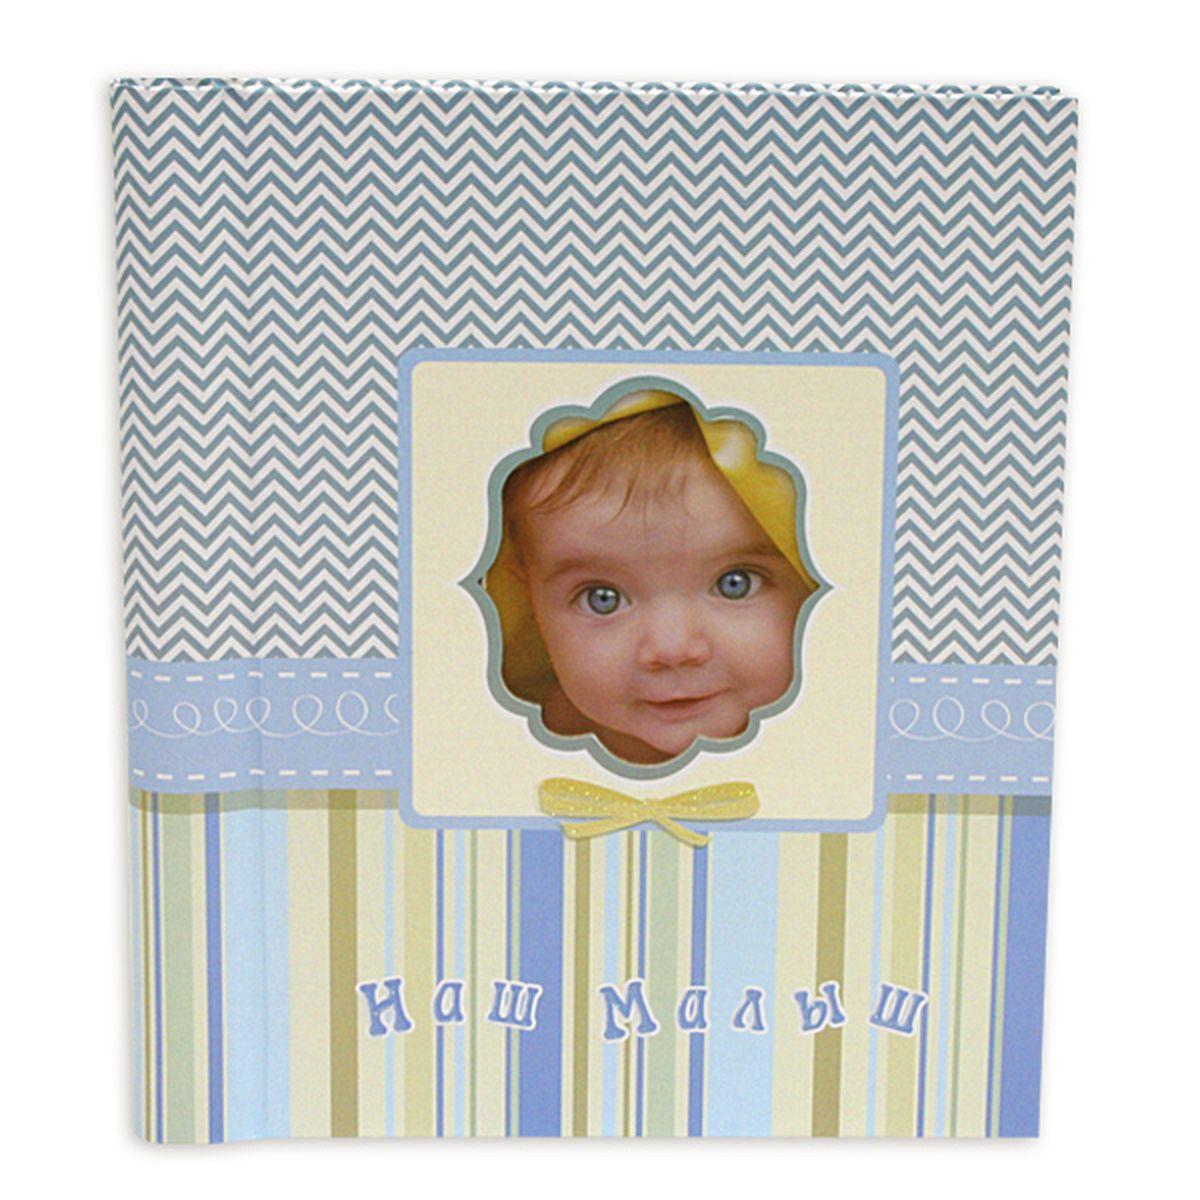 Фотокнига Pioneer Our Baby 8, цвет: голубой, 23 x 28 см46421 FAОсобенности - 20 страниц-анкет для заполнения, рамка для фото тип - фотокнига размещение - 20 фотографий тип скрепления - спираль формат фотографий - 23*28см материал страниц - бумага тип страниц - магнитный